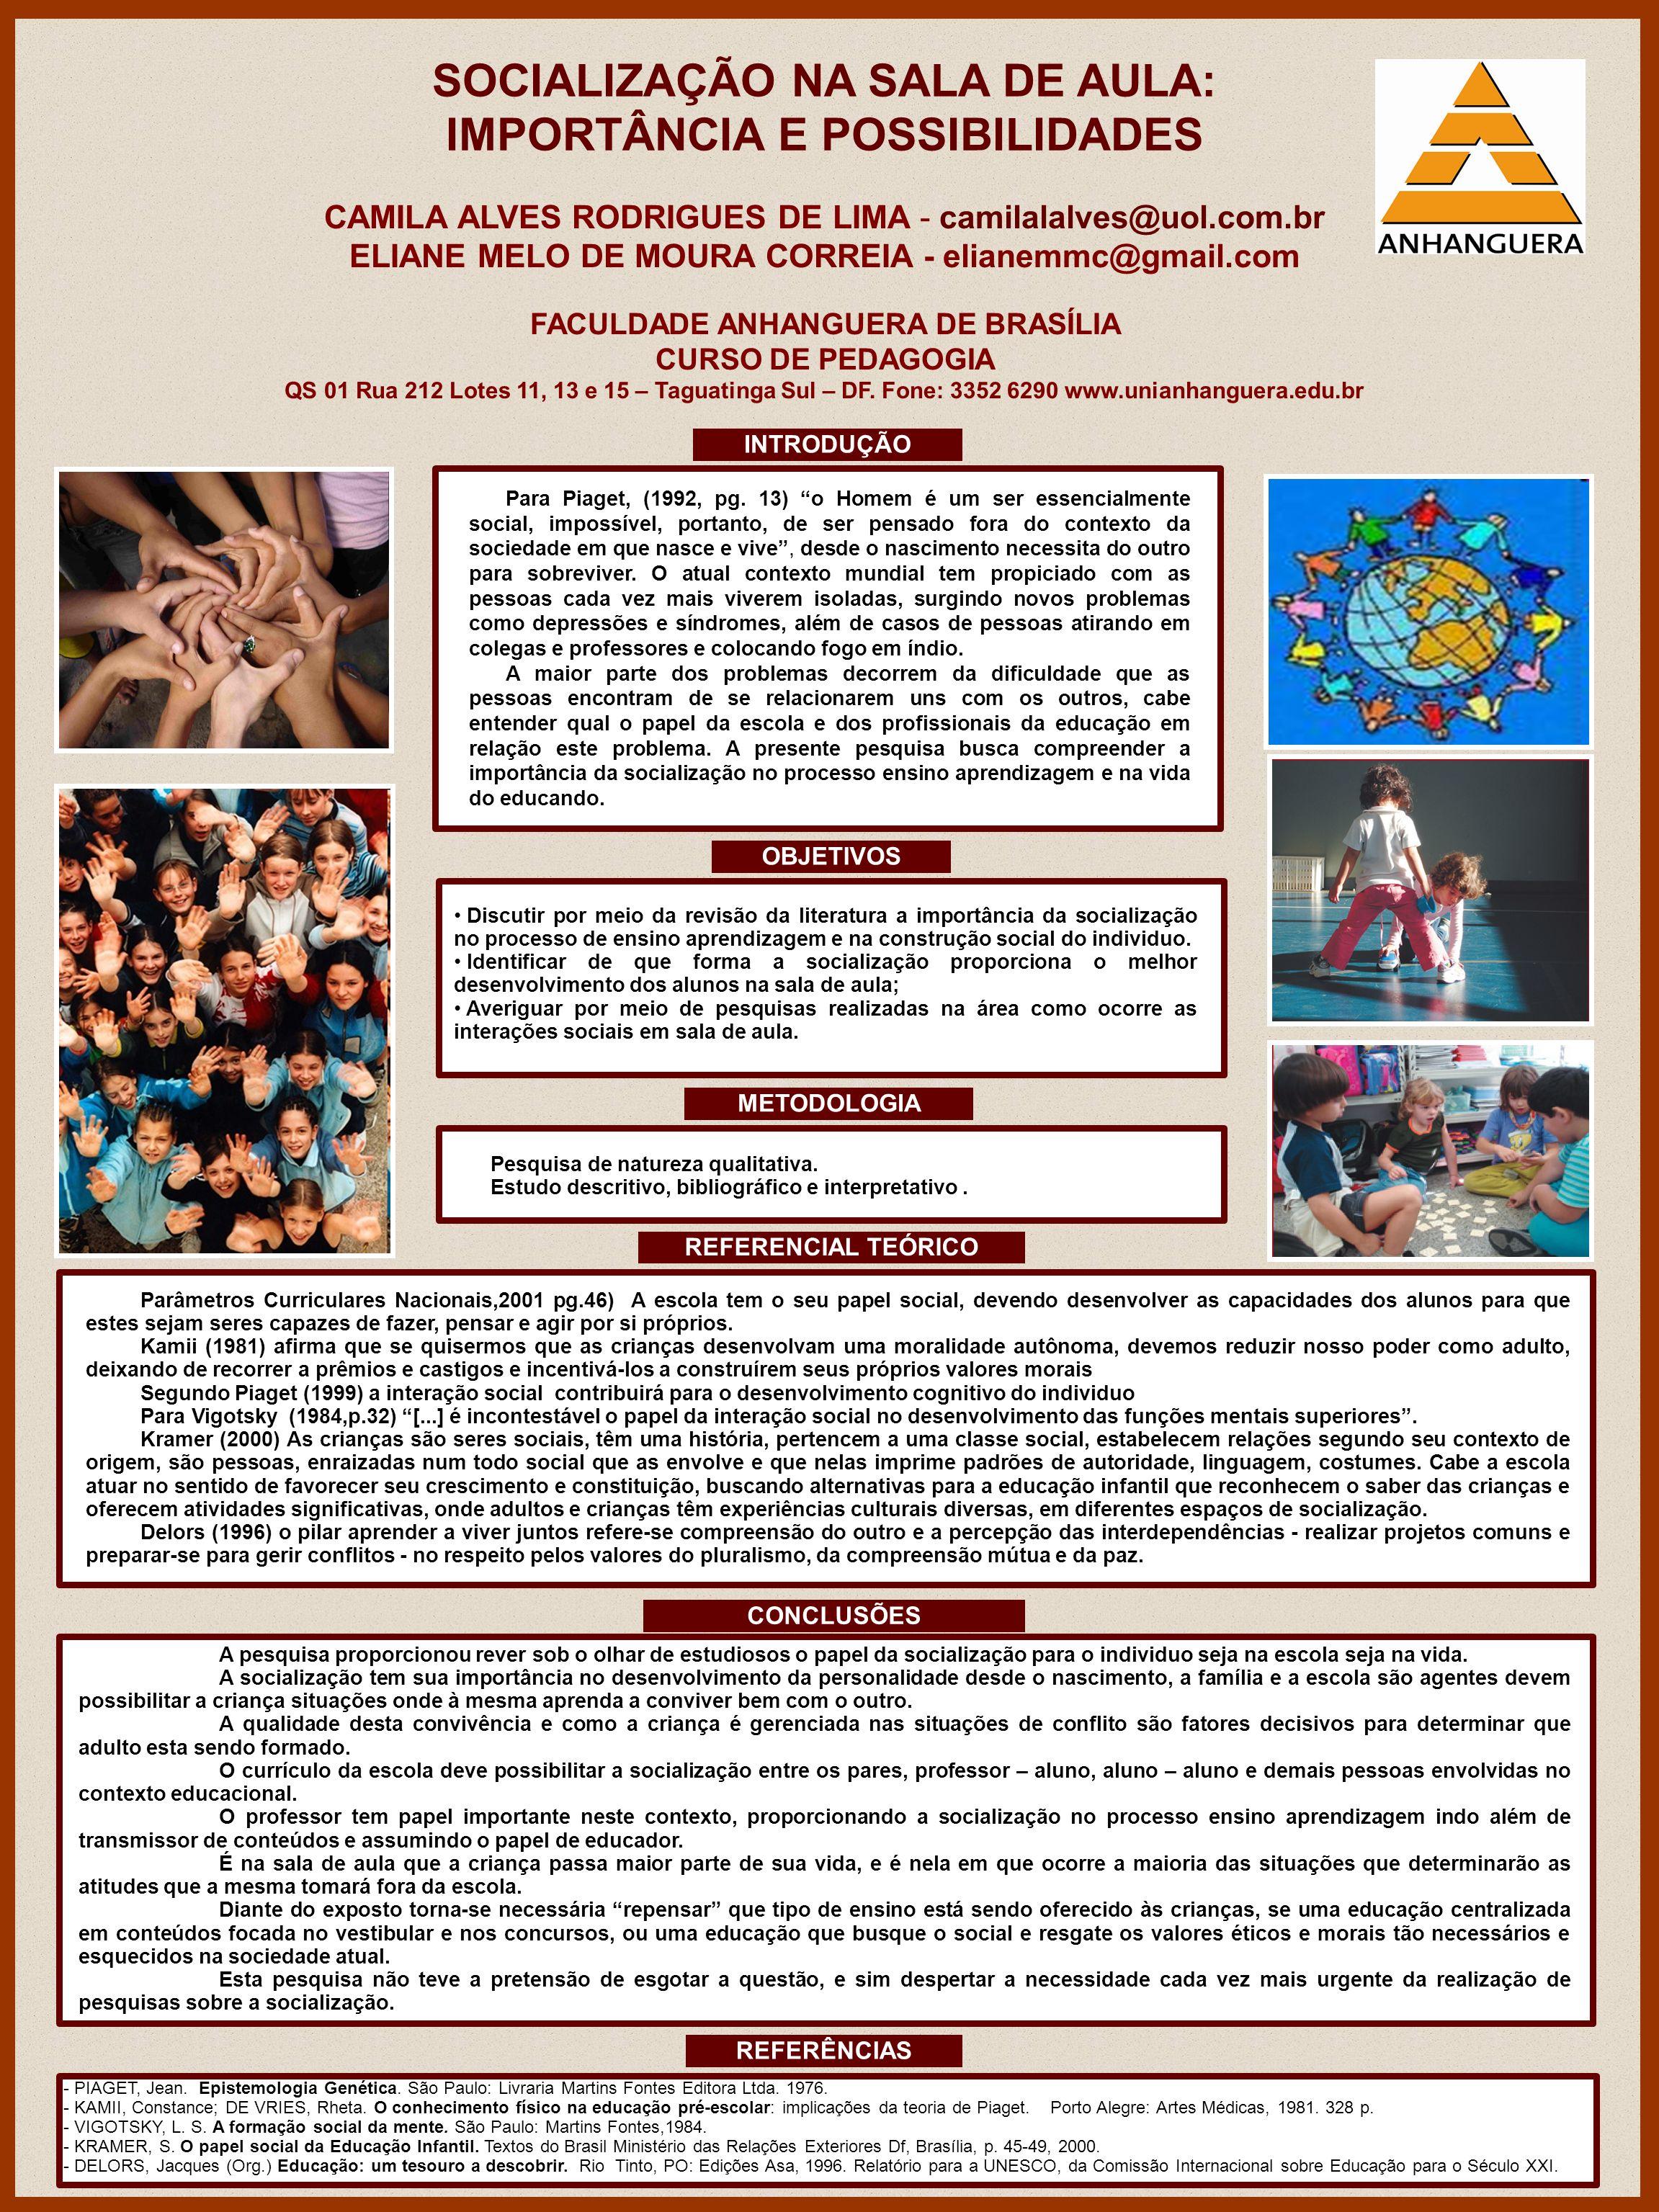 SOCIALIZAÇÃO NA SALA DE AULA: IMPORTÂNCIA E POSSIBILIDADES